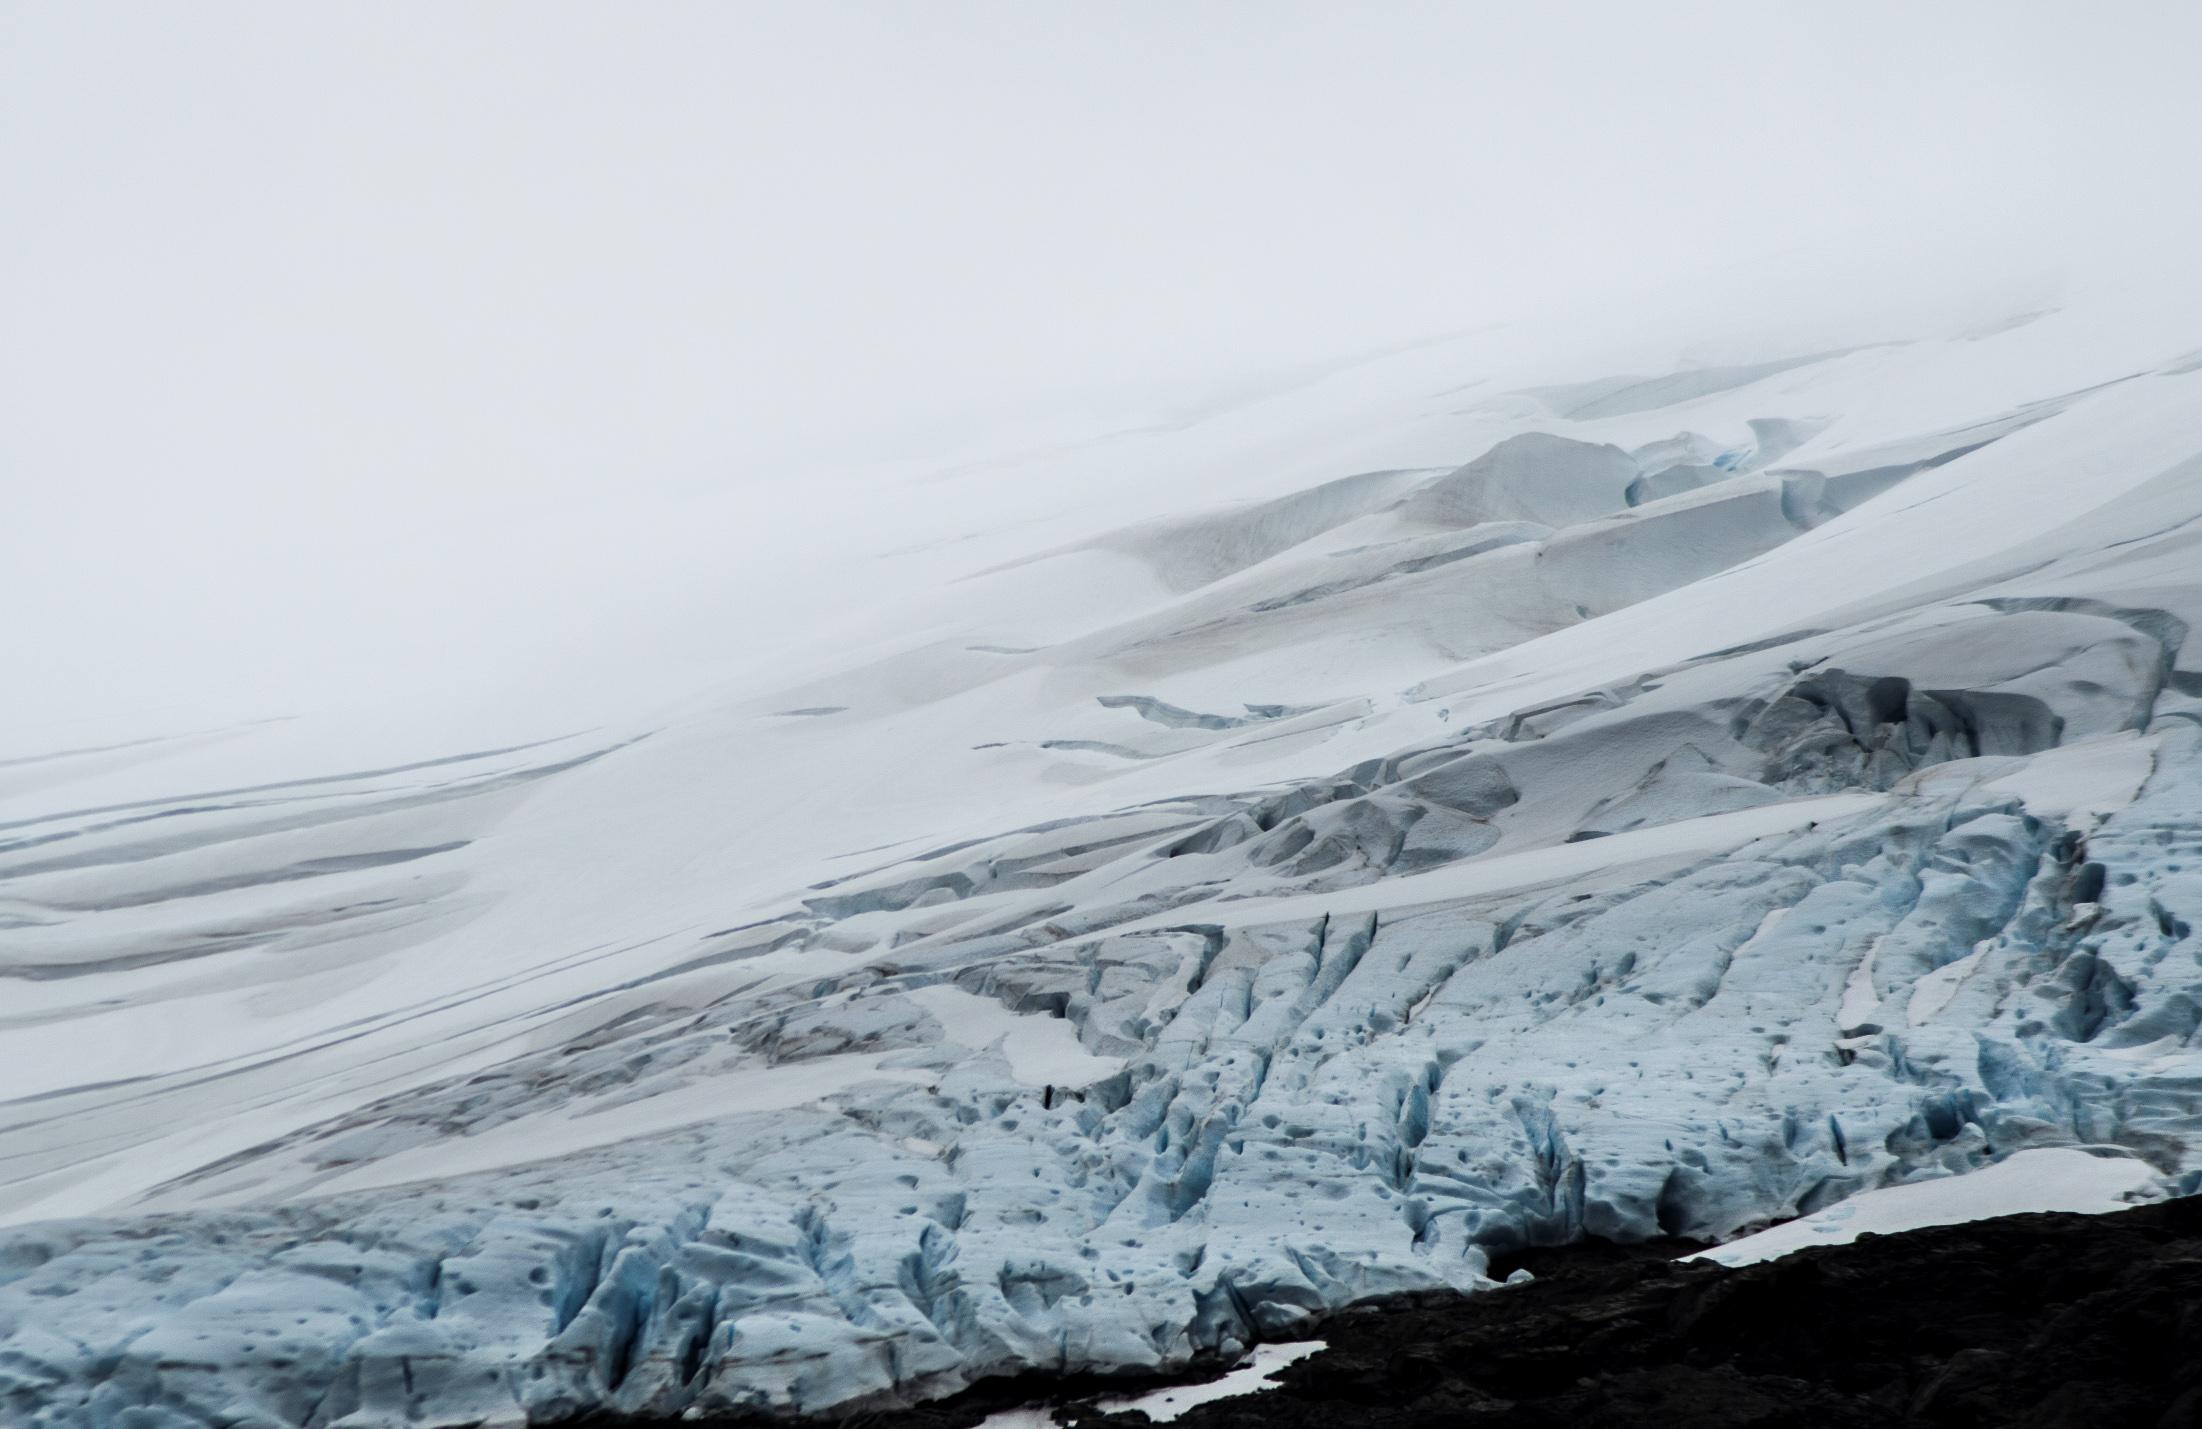 Charla sobre el Proyecto Glaciares en Bicicleta